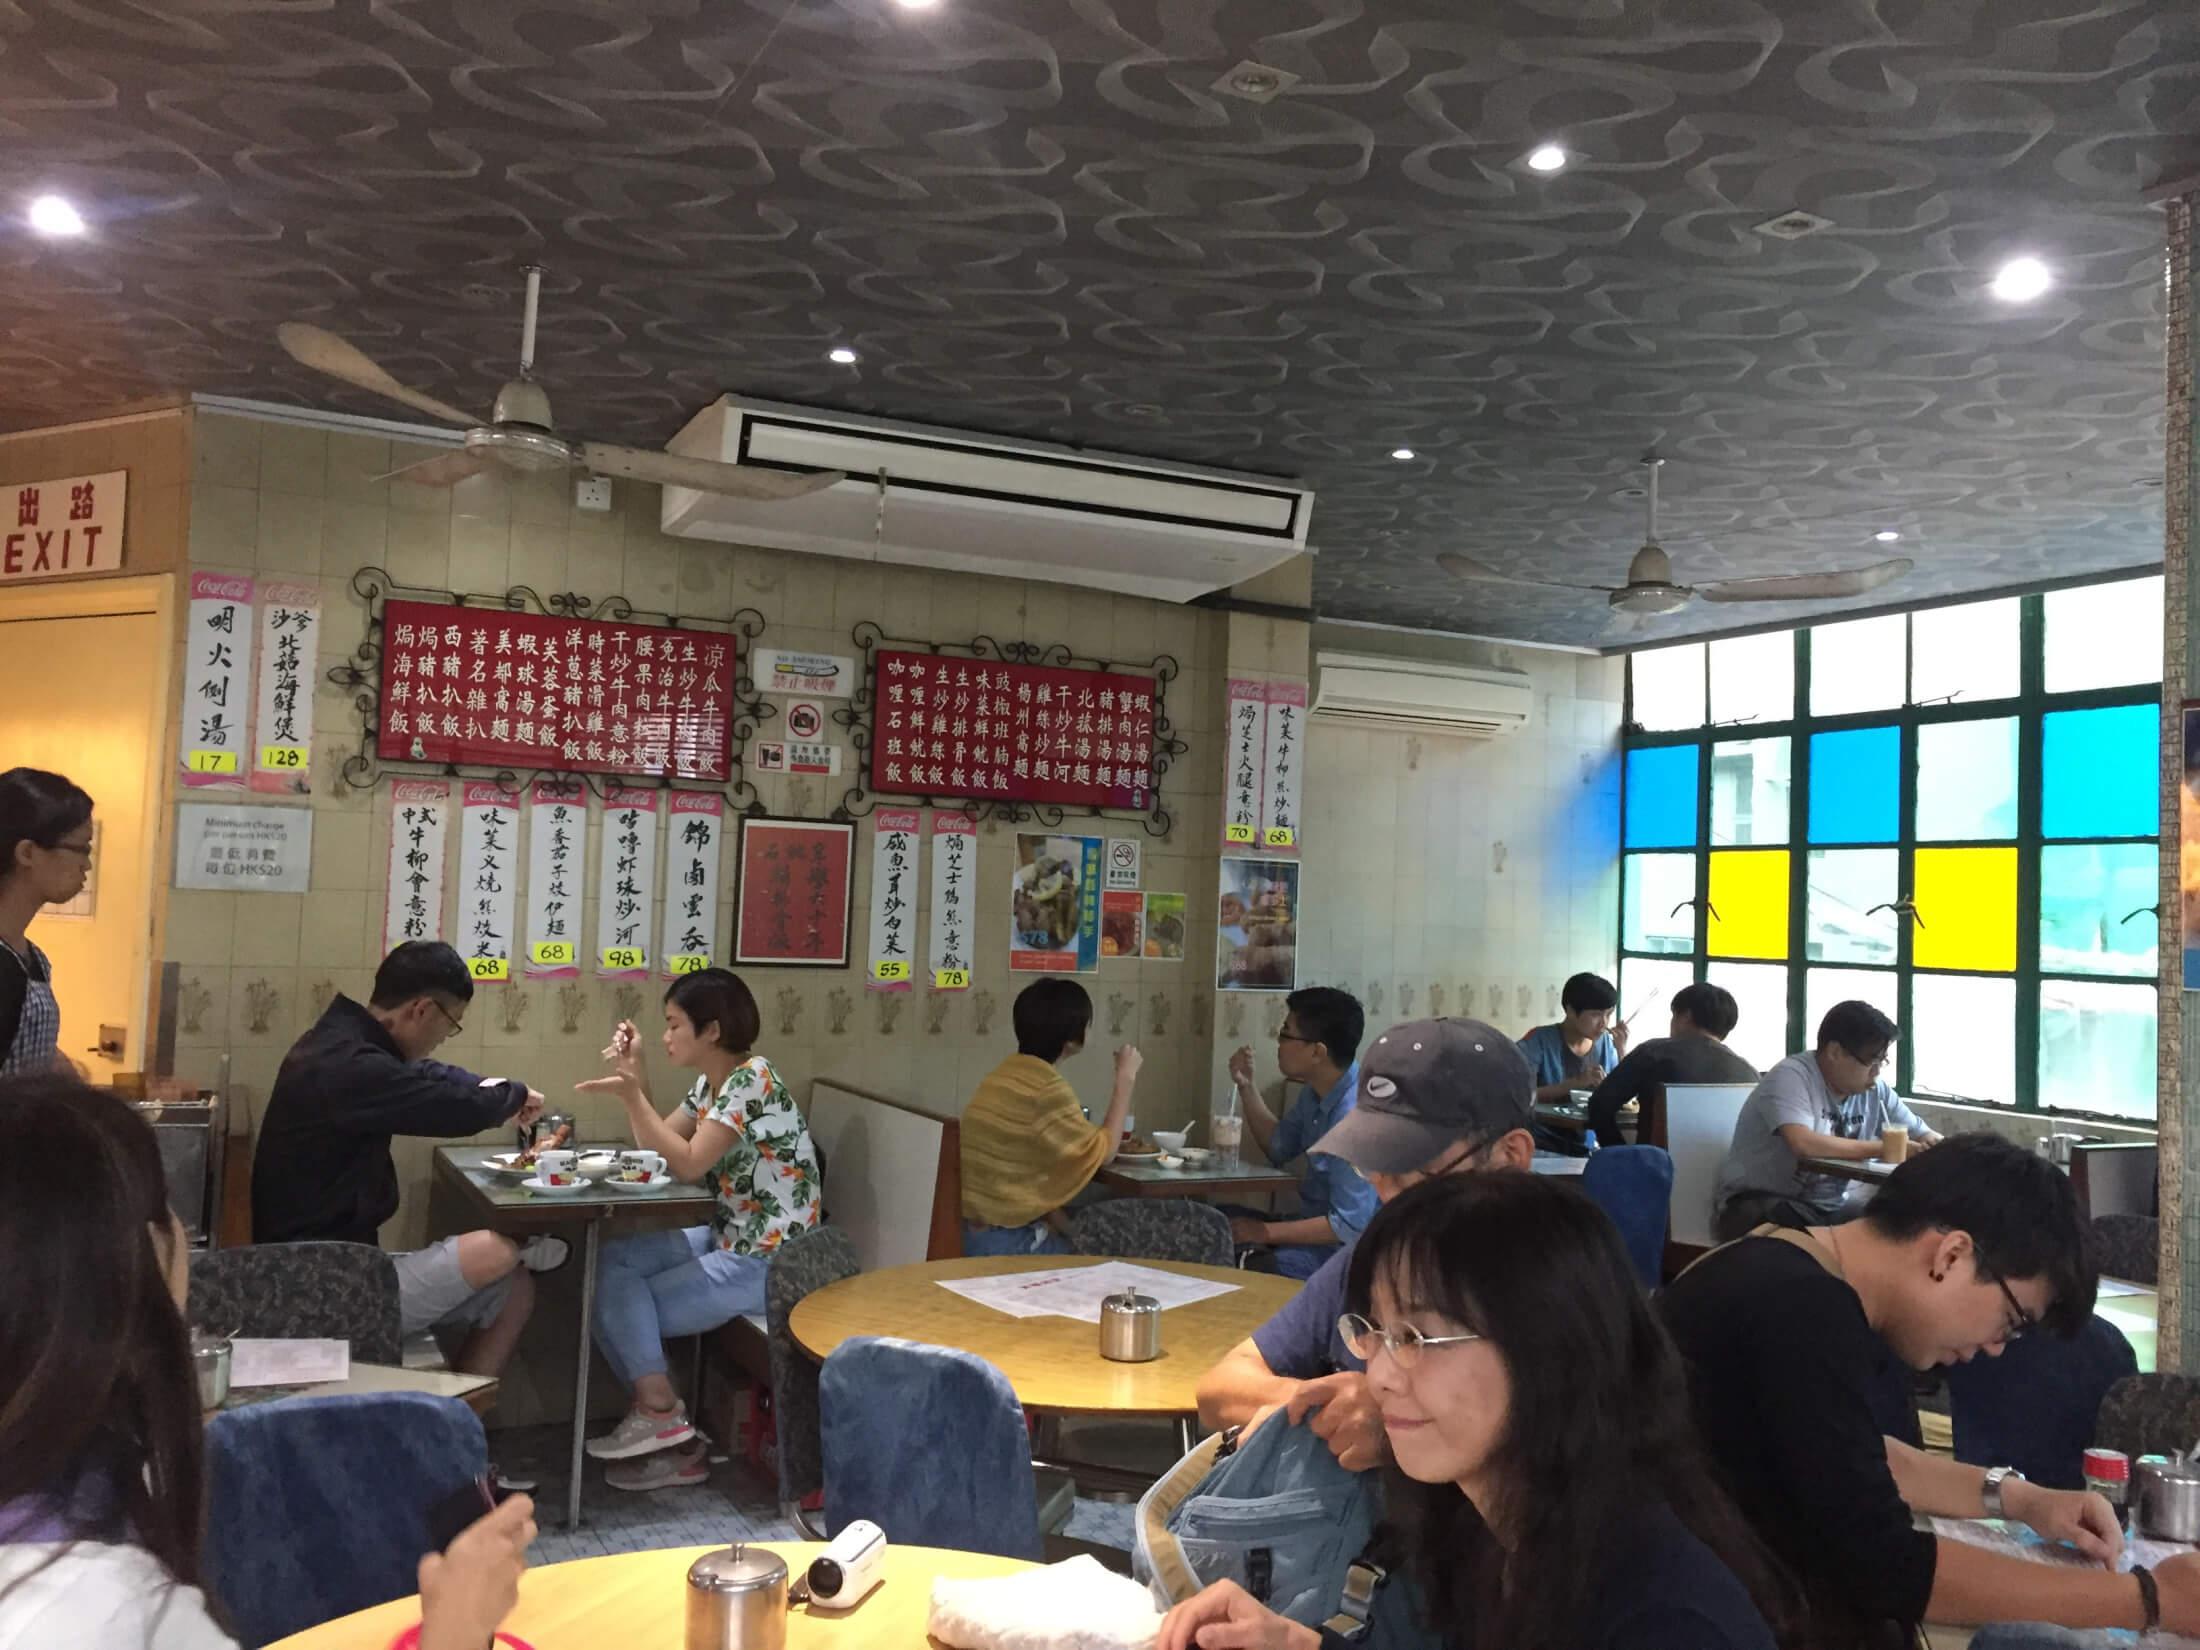 mido cafe hongkong china